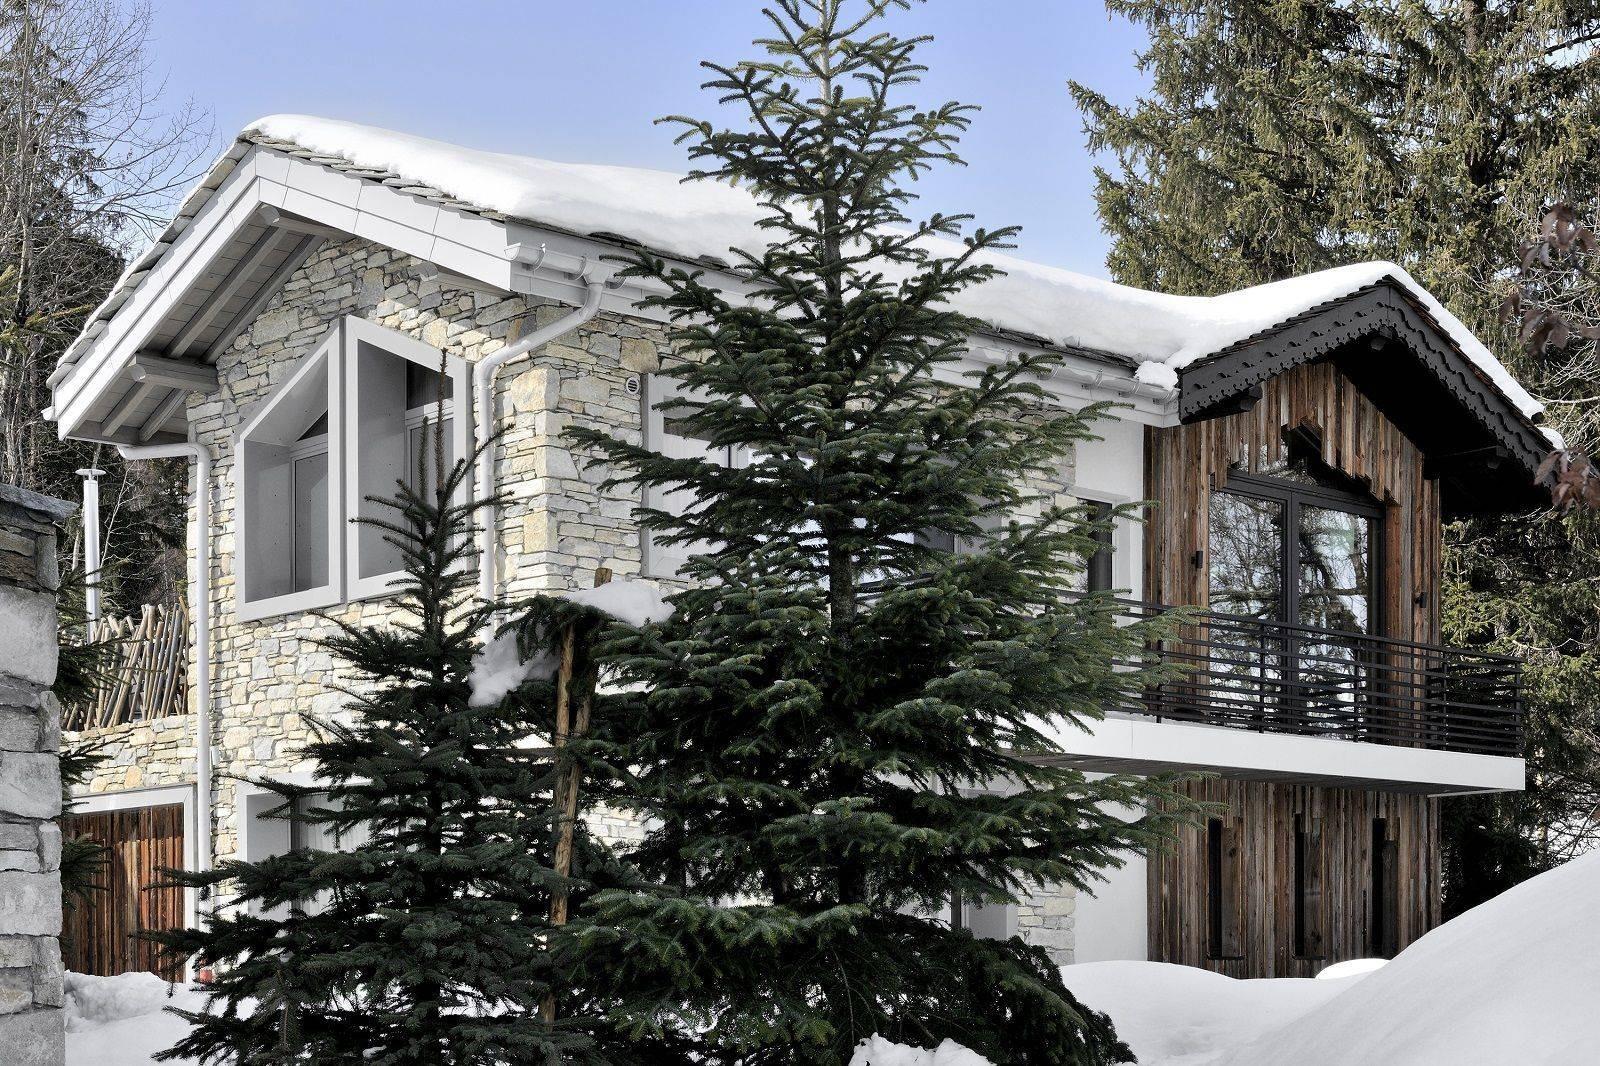 Courchevel 1550 Luxury Rental Chalet Niibite Exterior